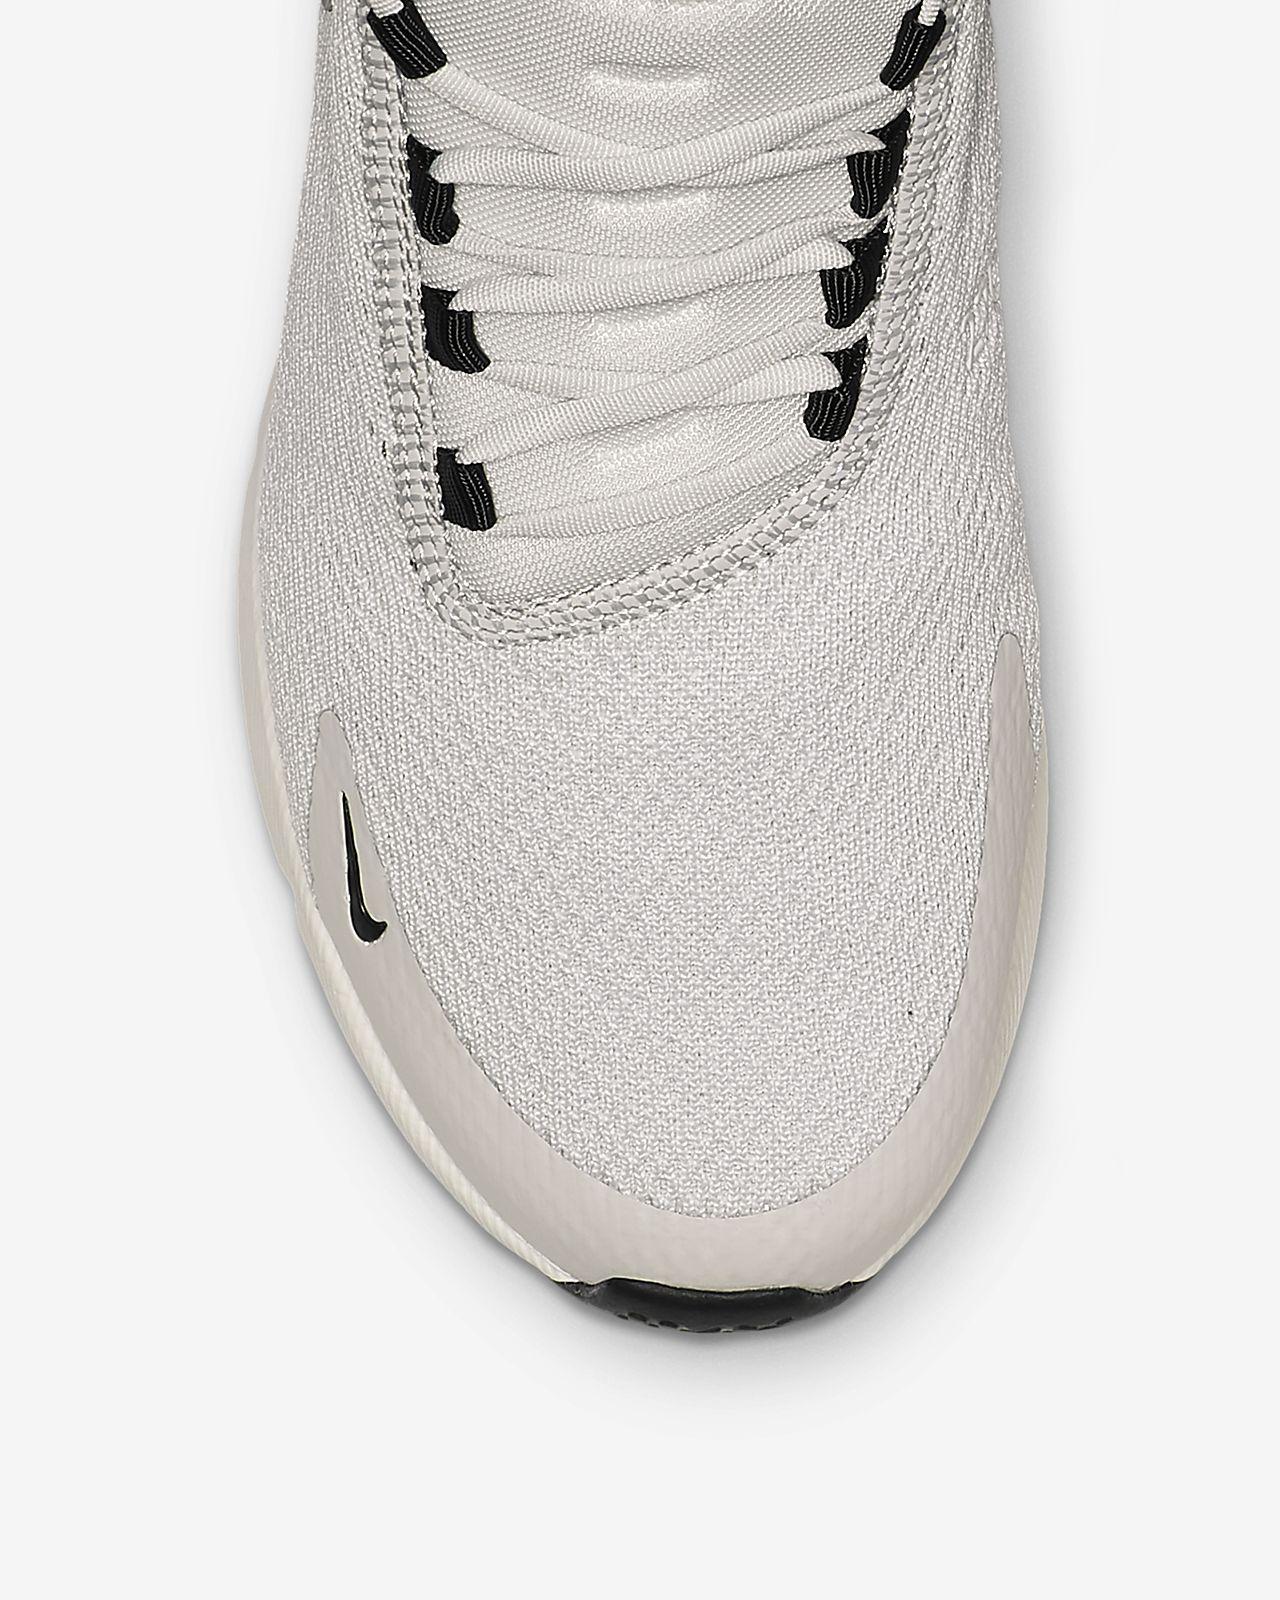 innovative design 85936 fffb0 ... Chaussure Nike Air Max 270 pour Femme